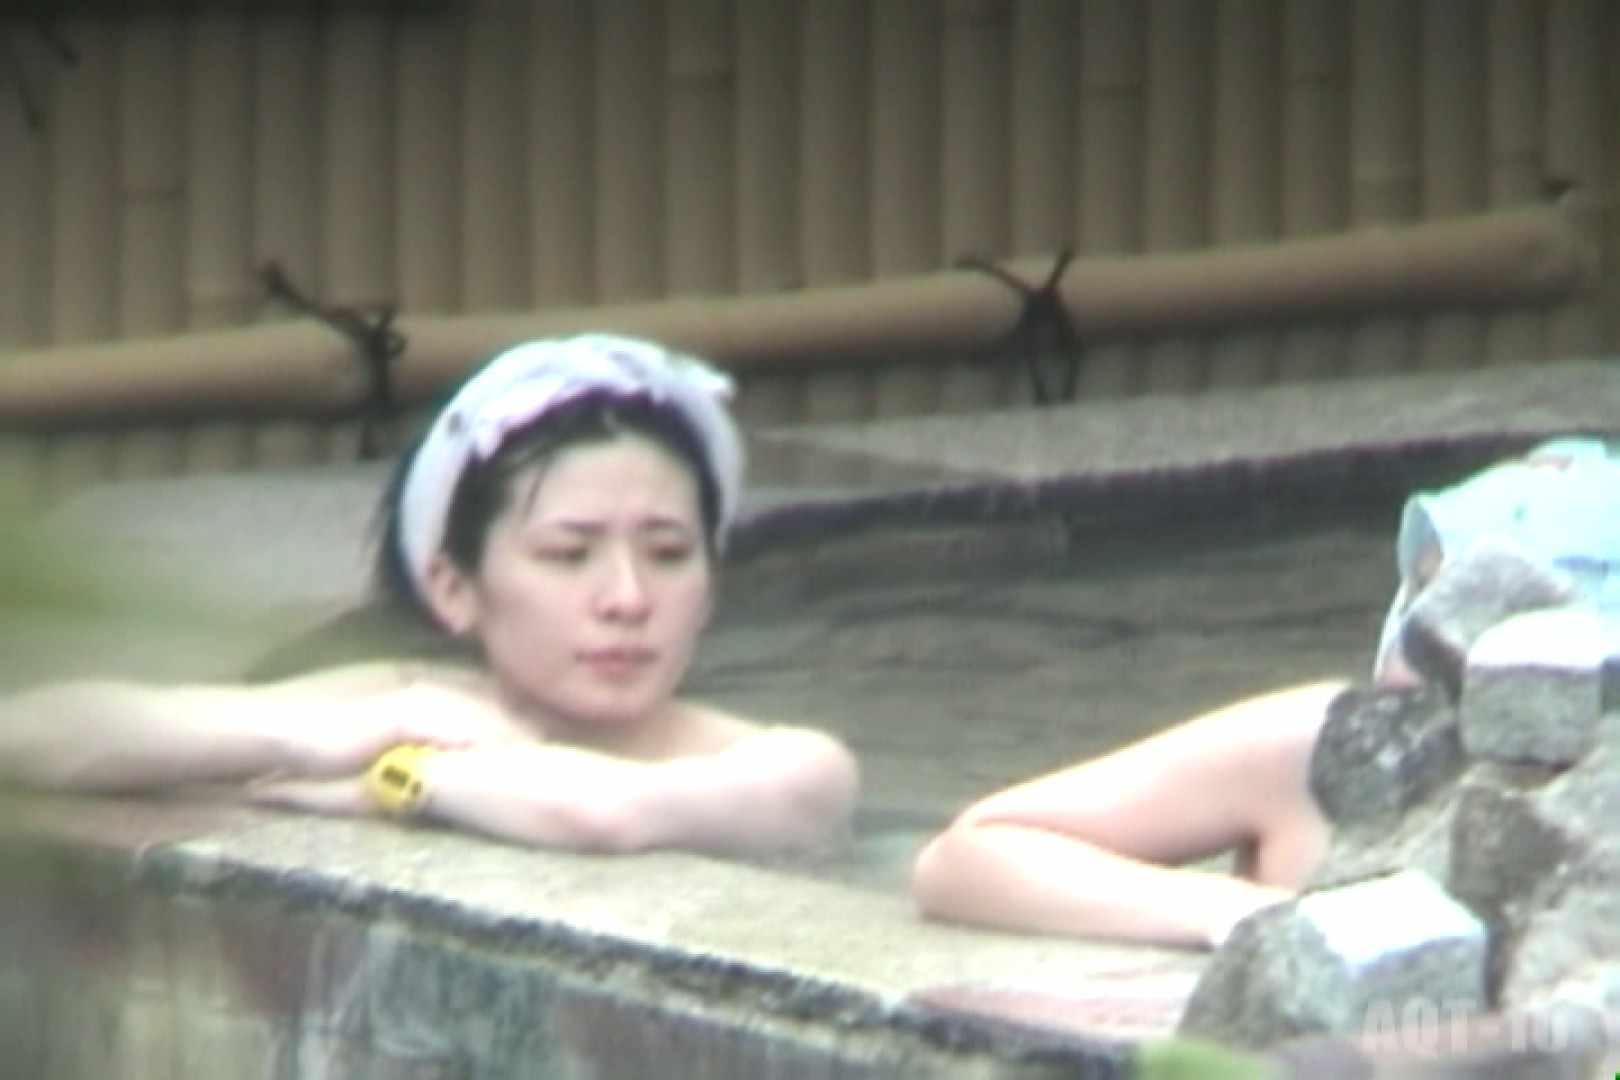 Aquaな露天風呂Vol.793 露天 | 盗撮特集  56画像 20